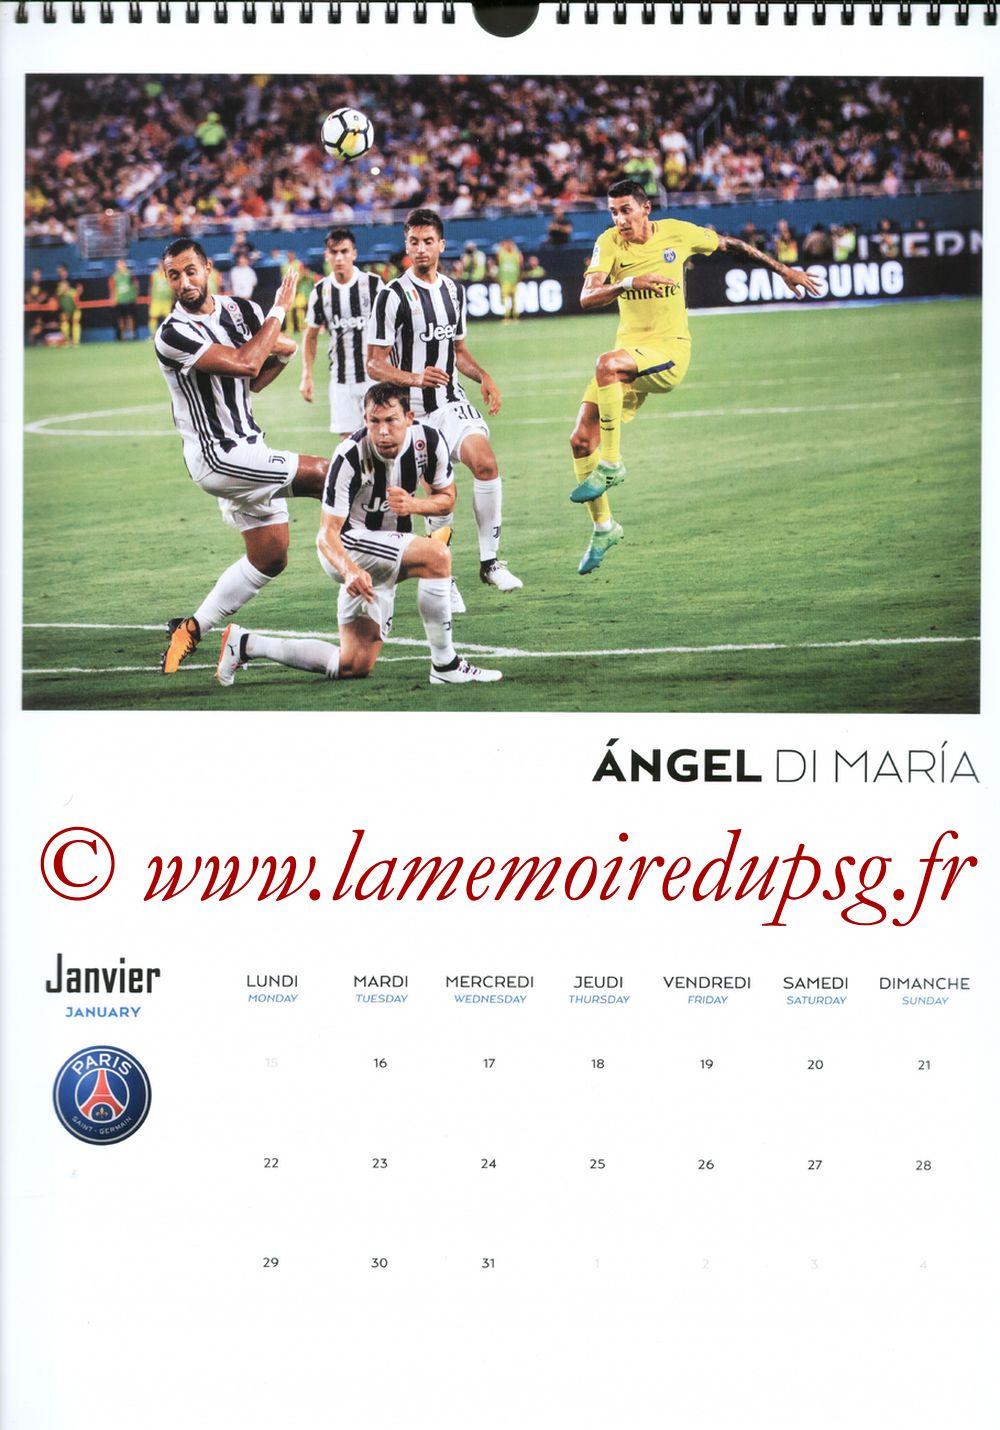 Calendrier PSG 2018 - Page 02 - Angel DI MARIA